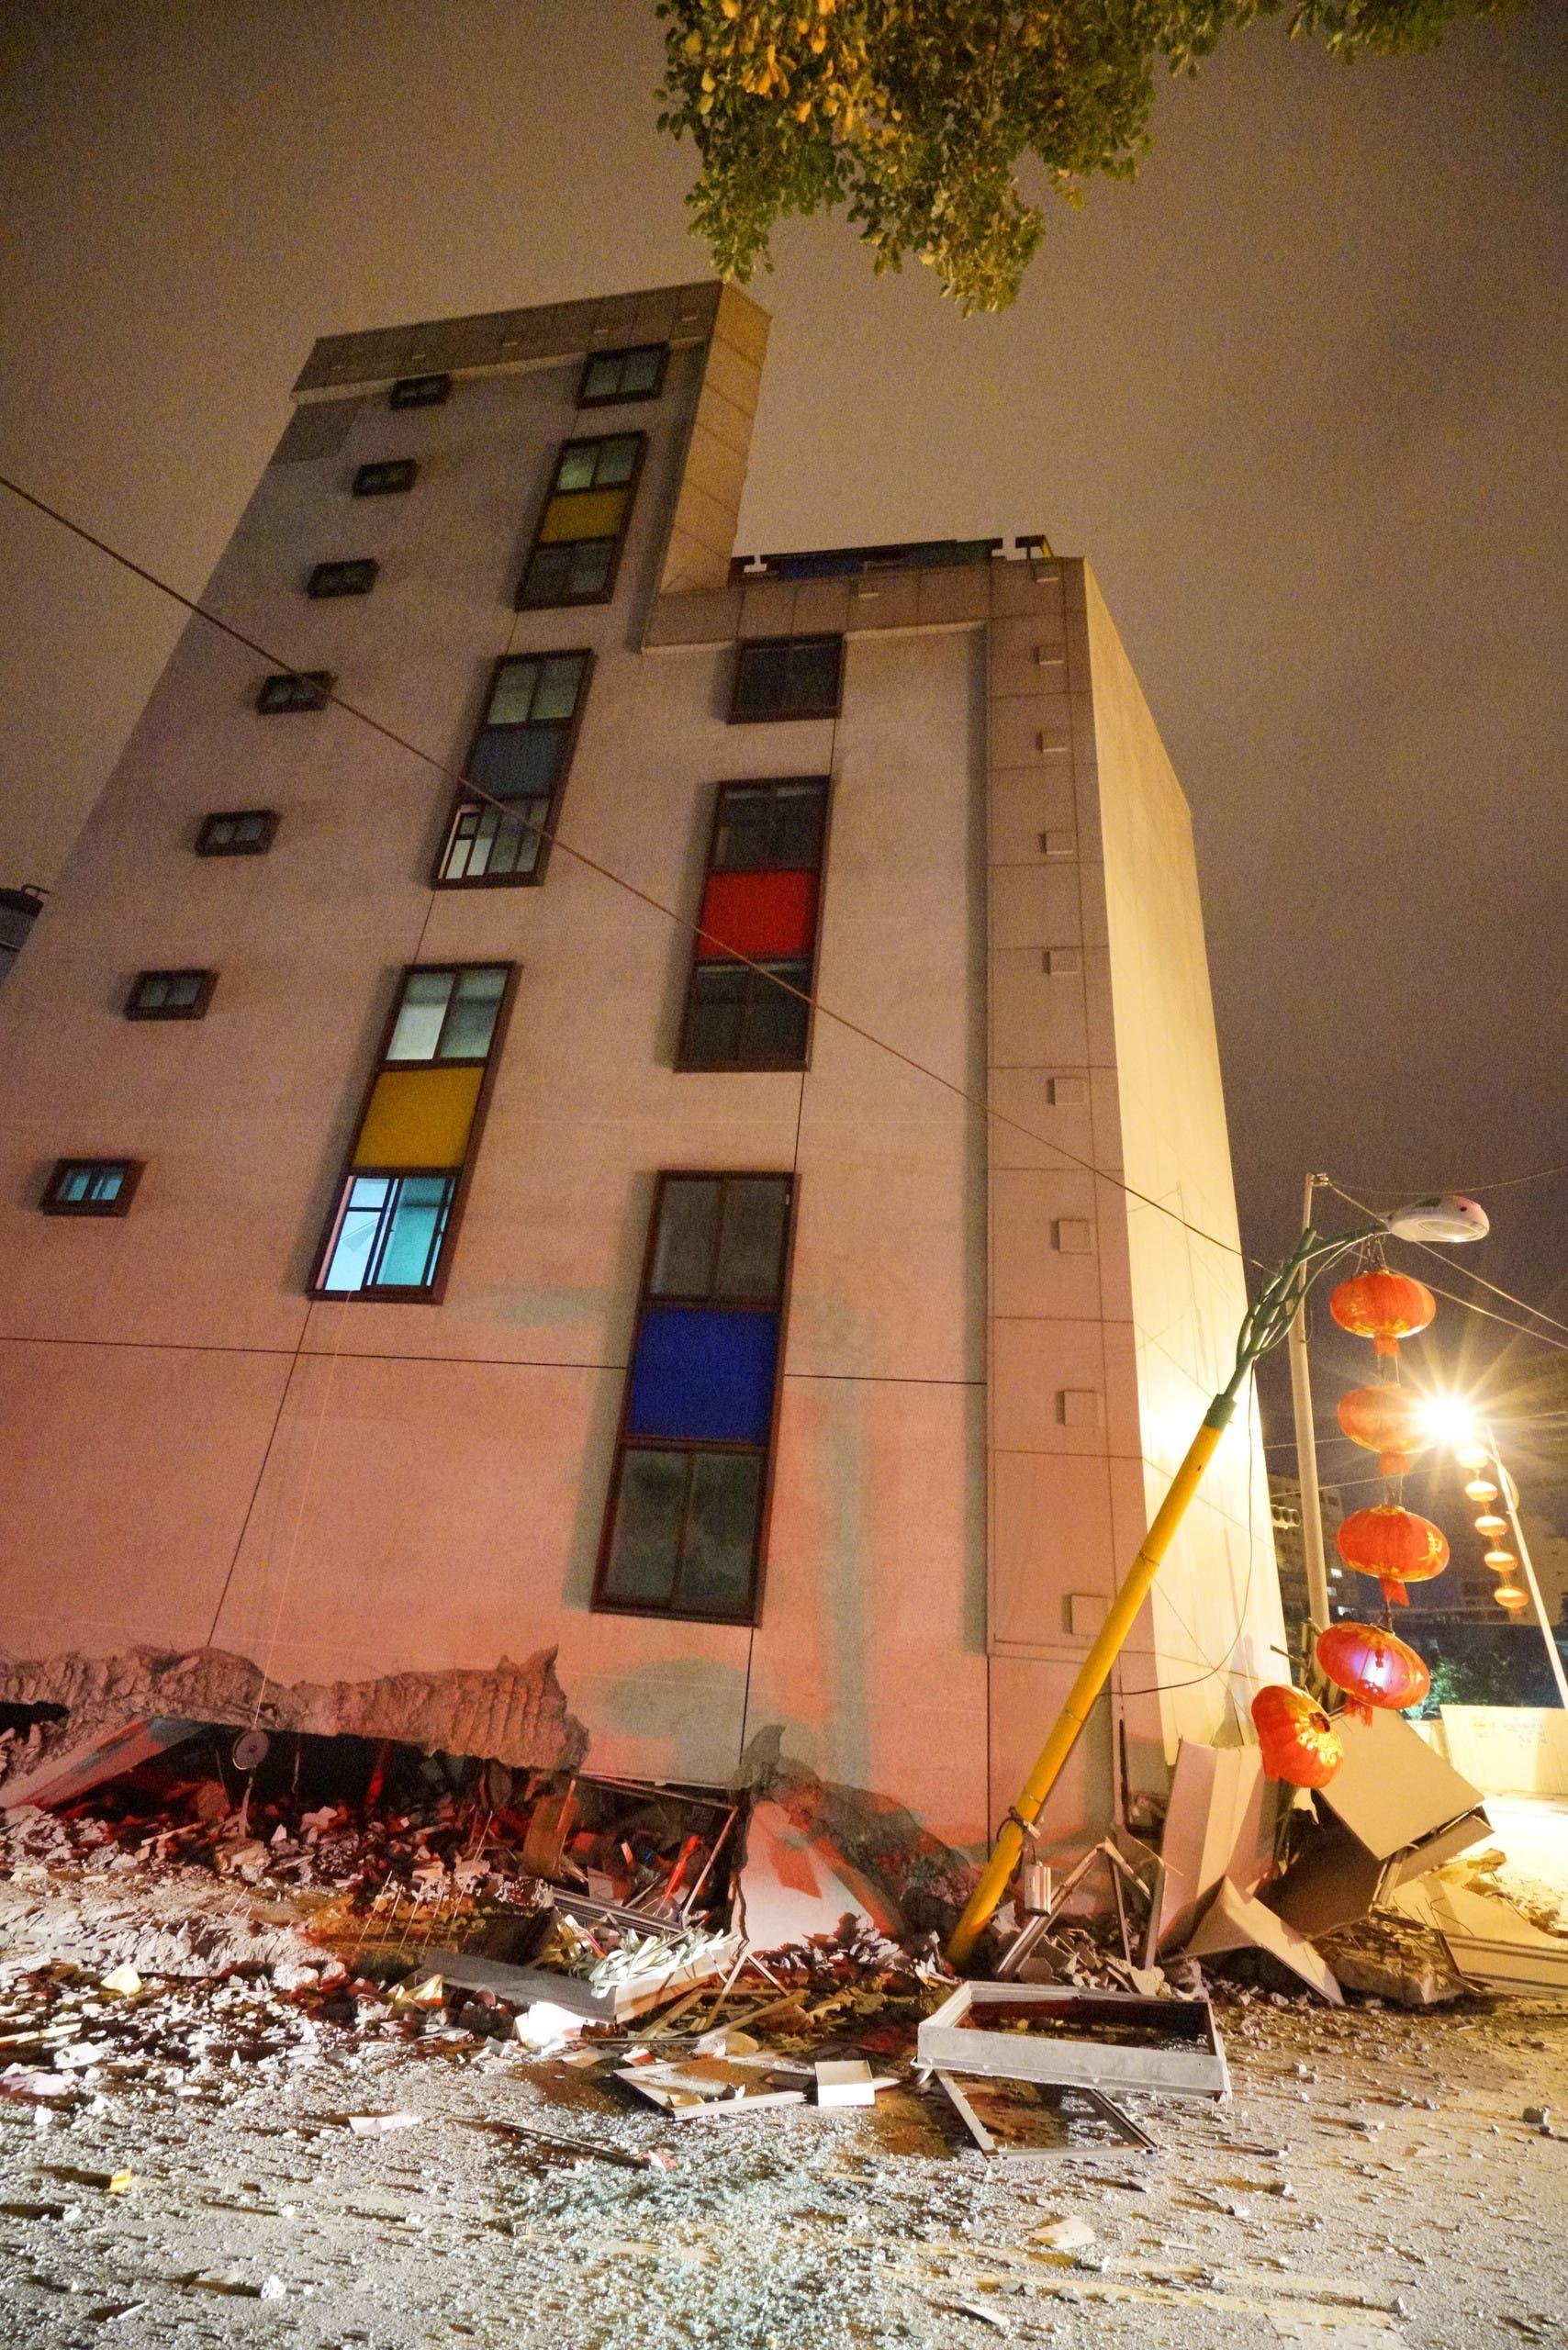 الفندق المتضرر من الزلزال